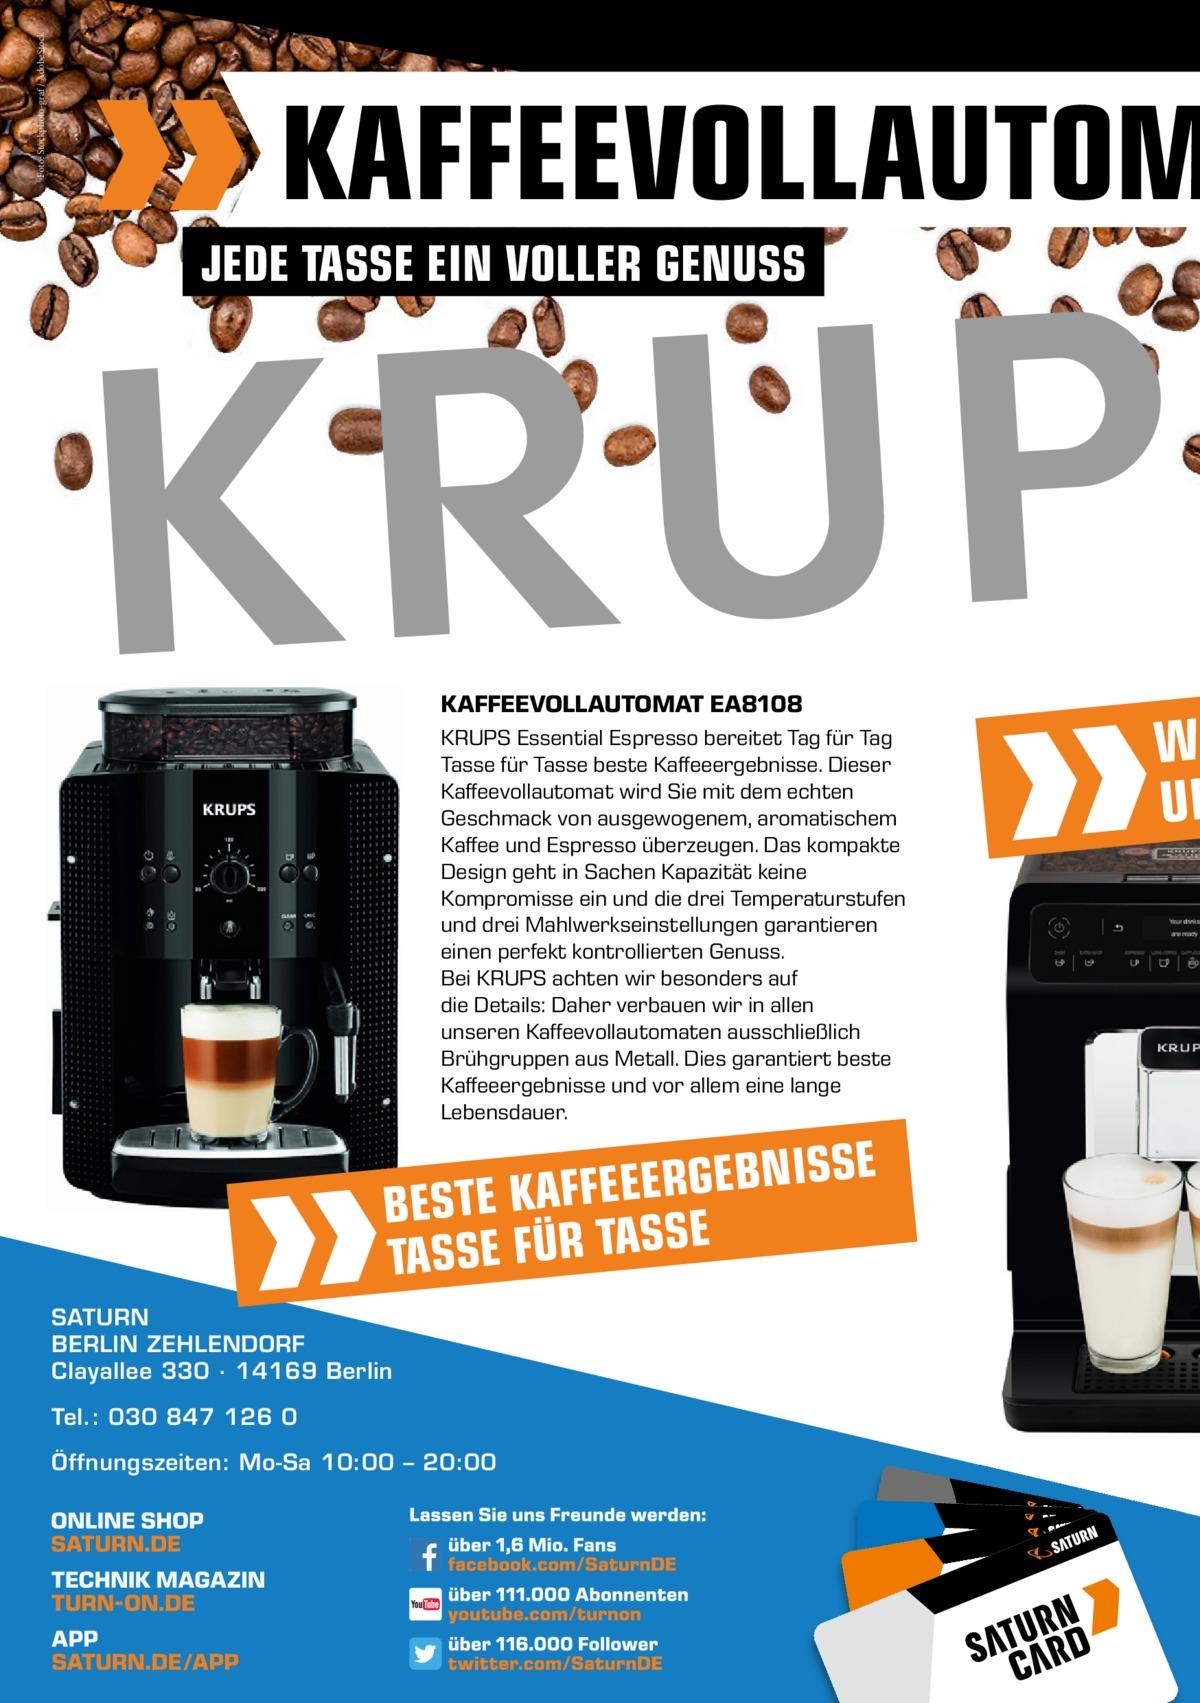 Foto: Stockphoto-graf / AdobeStock  KAFFEEVOLLAUTOM JEDE TASSE EIN VOLLER GENUSS  KAFFEEVOLLAUTOMAT EA8108 KRUPS Essential Espresso bereitet Tag für Tag Tasse für Tasse beste Kaffeeergebnisse. Dieser Kaffeevollautomat wird Sie mit dem echten Geschmack von ausgewogenem, aromatischem Kaffee und Espresso überzeugen. Das kompakte Design geht in Sachen Kapazität keine Kompromisse ein und die drei Temperaturstufen und drei Mahlwerkseinstellungen garantieren einen perfekt kontrollierten Genuss. Bei KRUPS achten wir besonders auf die Details: Daher verbauen wir in allen unseren Kaffeevollautomaten ausschließlich Brühgruppen aus Metall. Dies garantiert beste Kaffeeergebnisse und vor allem eine lange Lebensdauer.  BNISSE E G R E E E F F A K BESTE SE TASSE FÜR TAS SATURN BERLIN ZEHLENDORF Clayallee 330 ∙ 14169Berlin Tel.: 030 847 126 0 Öffnungszeiten: Mo-Sa 10:00 – 20:00  W UN